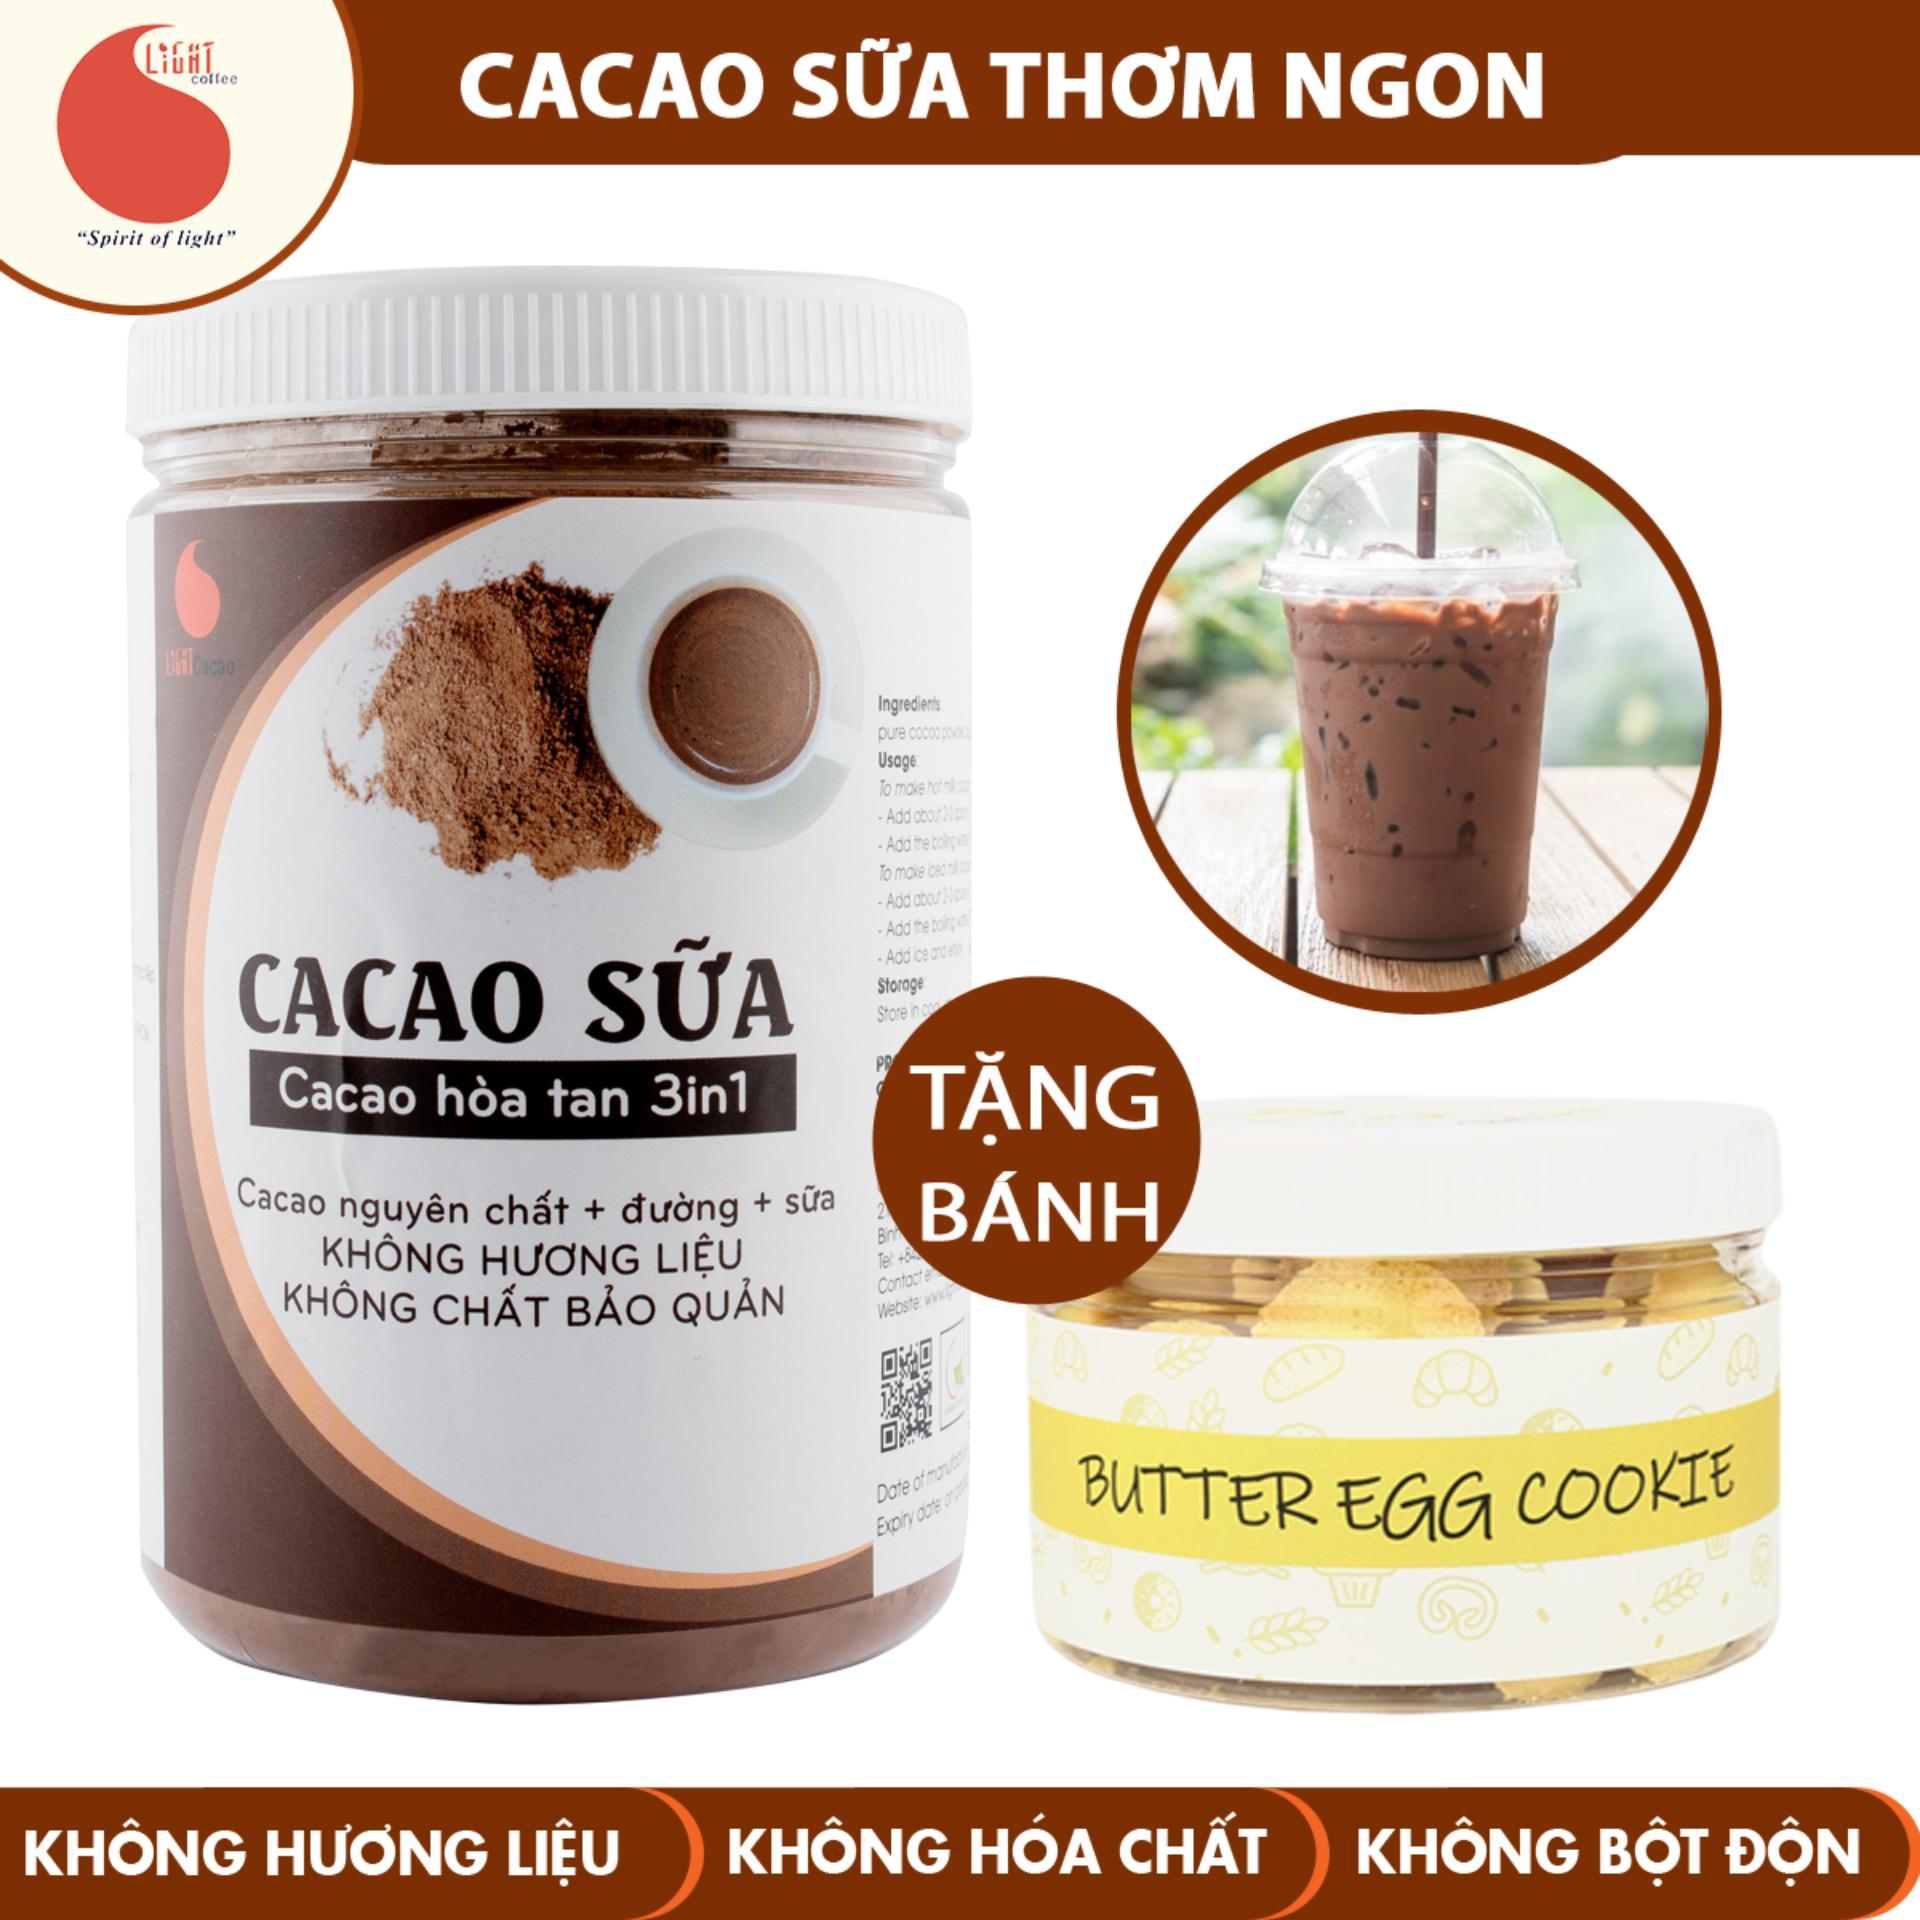 Bột CACAO SỮA đậm đà Thơm Ngon, đặc Biệt Không Pha Trộn Hương Liệu - Light Cacao - Hũ 550g - Tặng Bánh Butteregg 120g Siêu Ưu Đãi tại Lazada